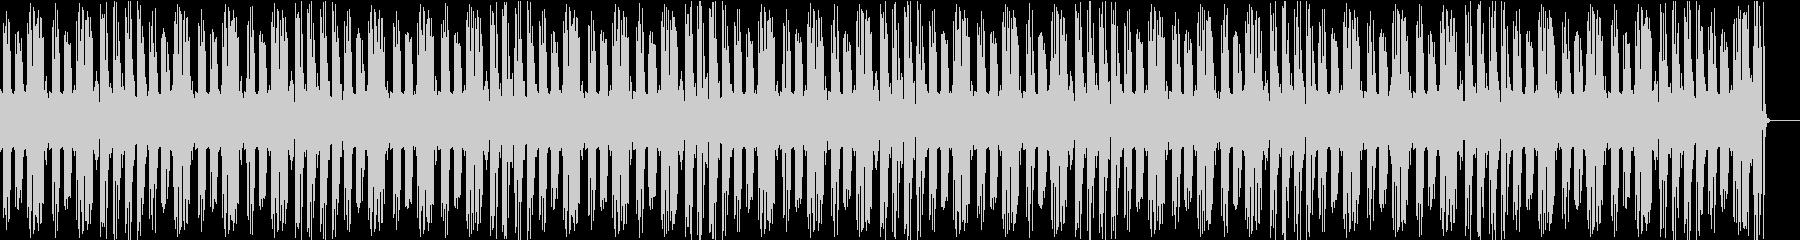 軽快なピアノソロでガーシュインの名曲の未再生の波形